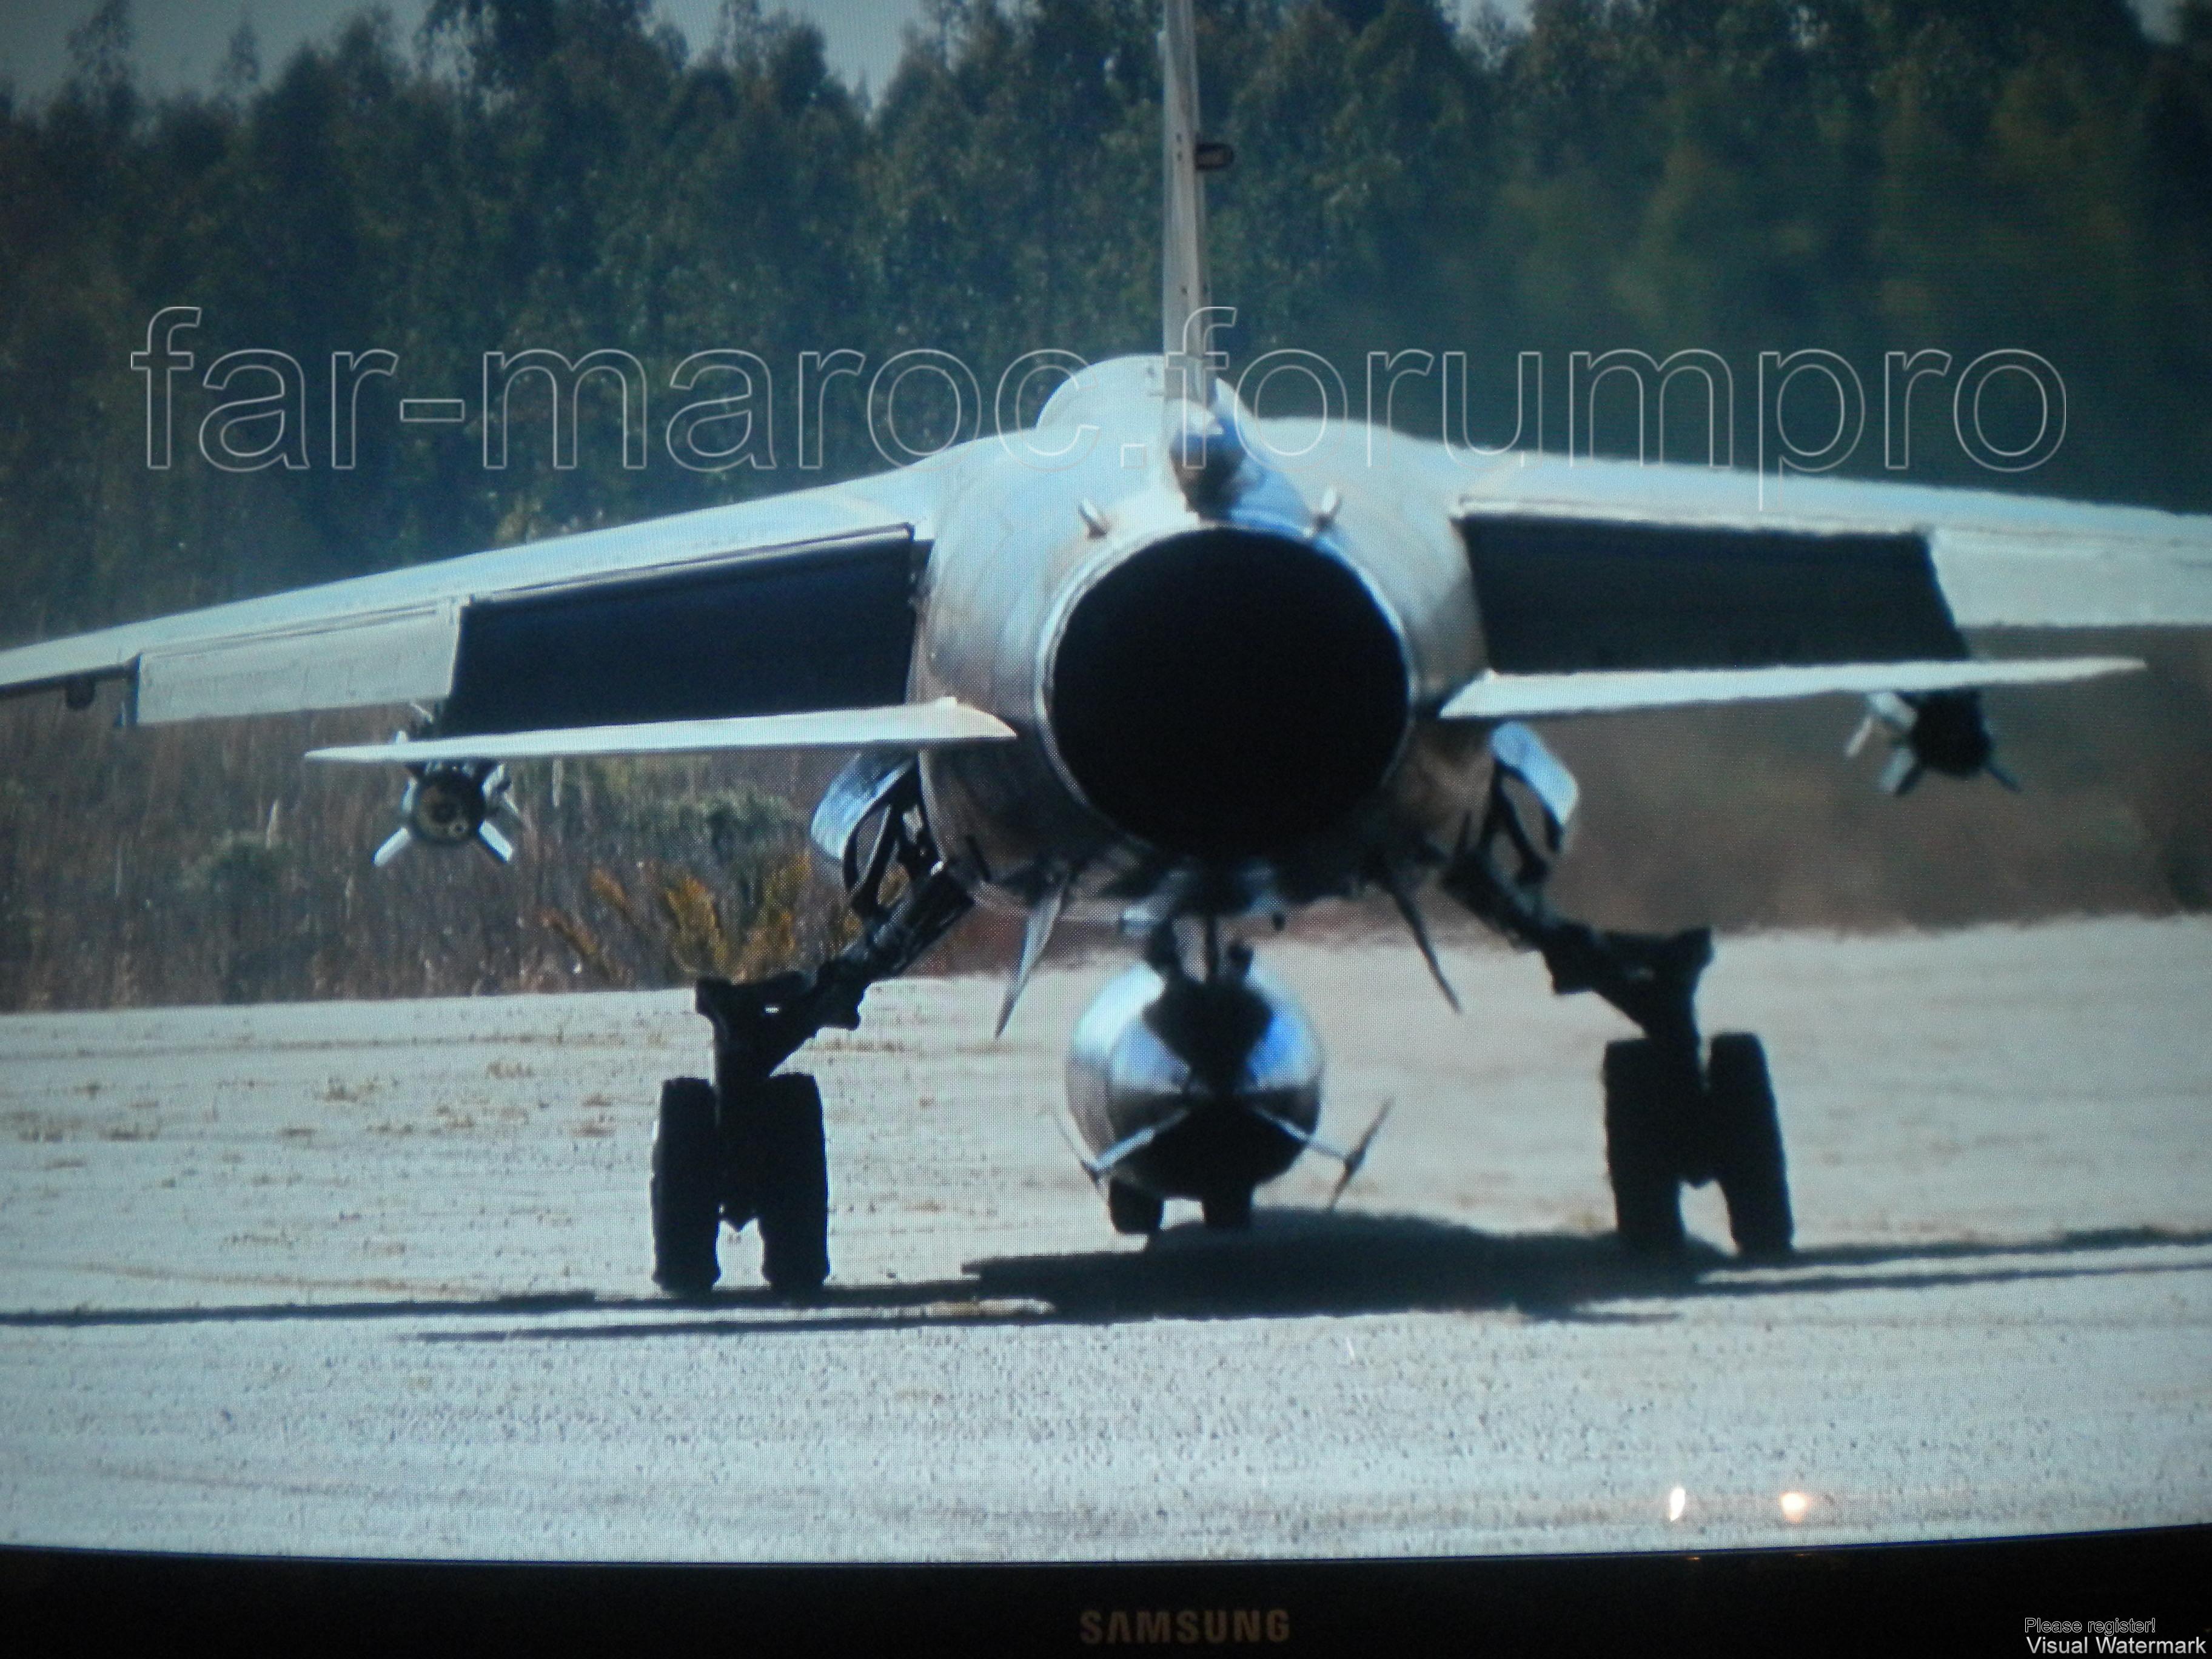 المغرب يتسلم ثلاث مقاتلات ميراج - صفحة 2 619884mf2000